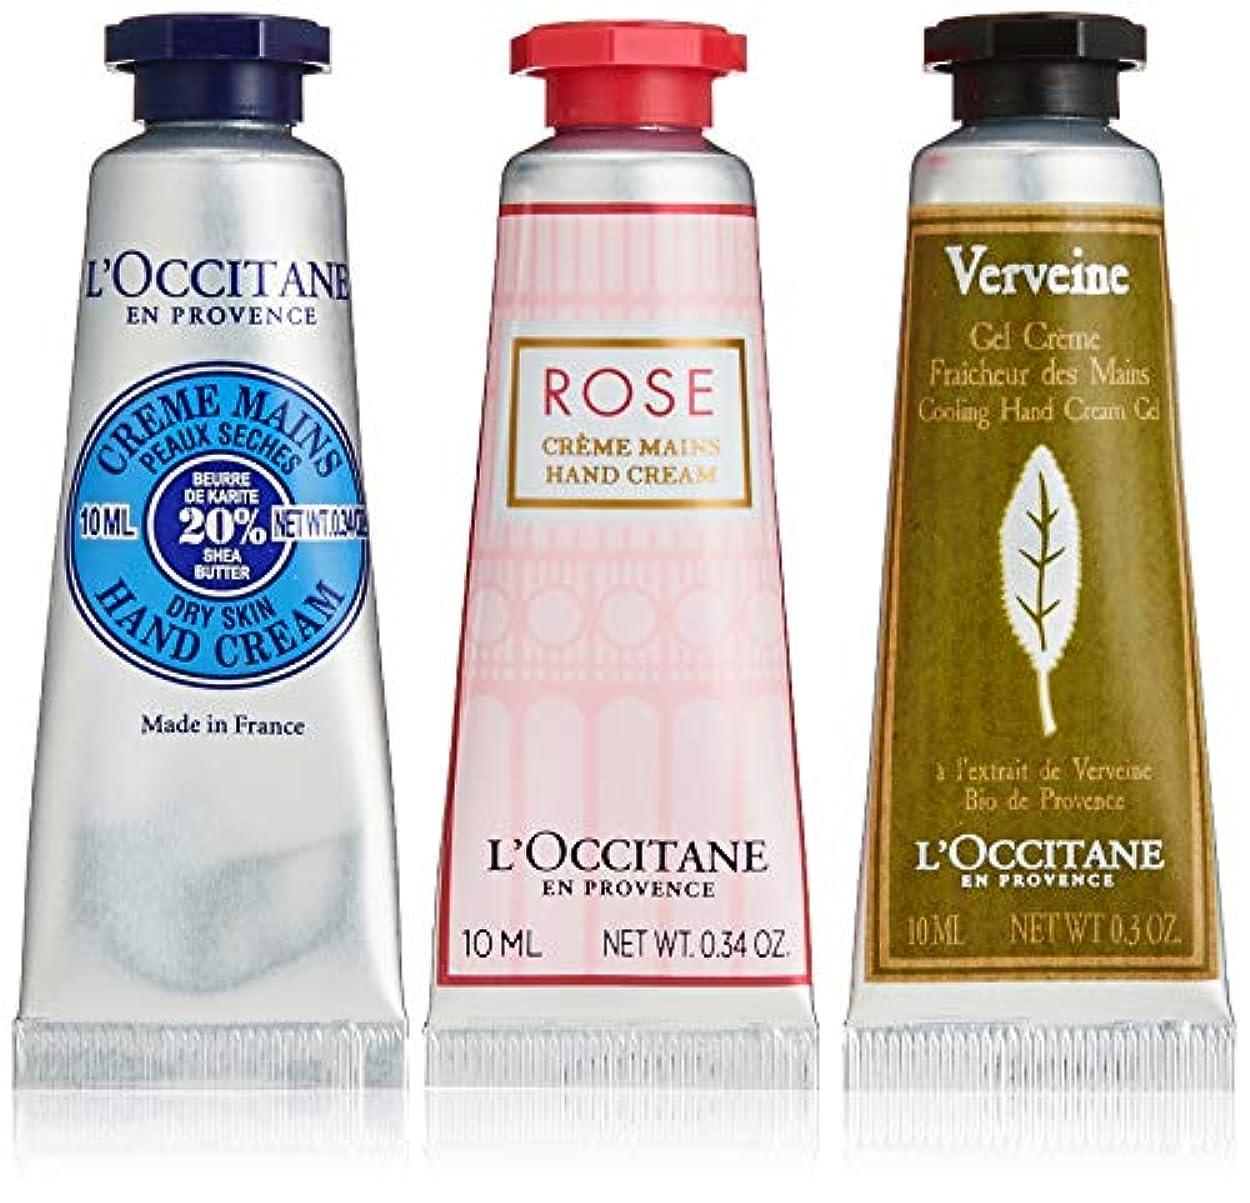 ではごきげんよう燃料コミットメント【Amazon.co.jp 限定】ロクシタン(L'OCCITANE) ミニハンドクリーム トリオ(シアハンドクリーム10ml、ハンドクリームローズ10ml、ヴァーベナアイスハンドクリーム10ml)